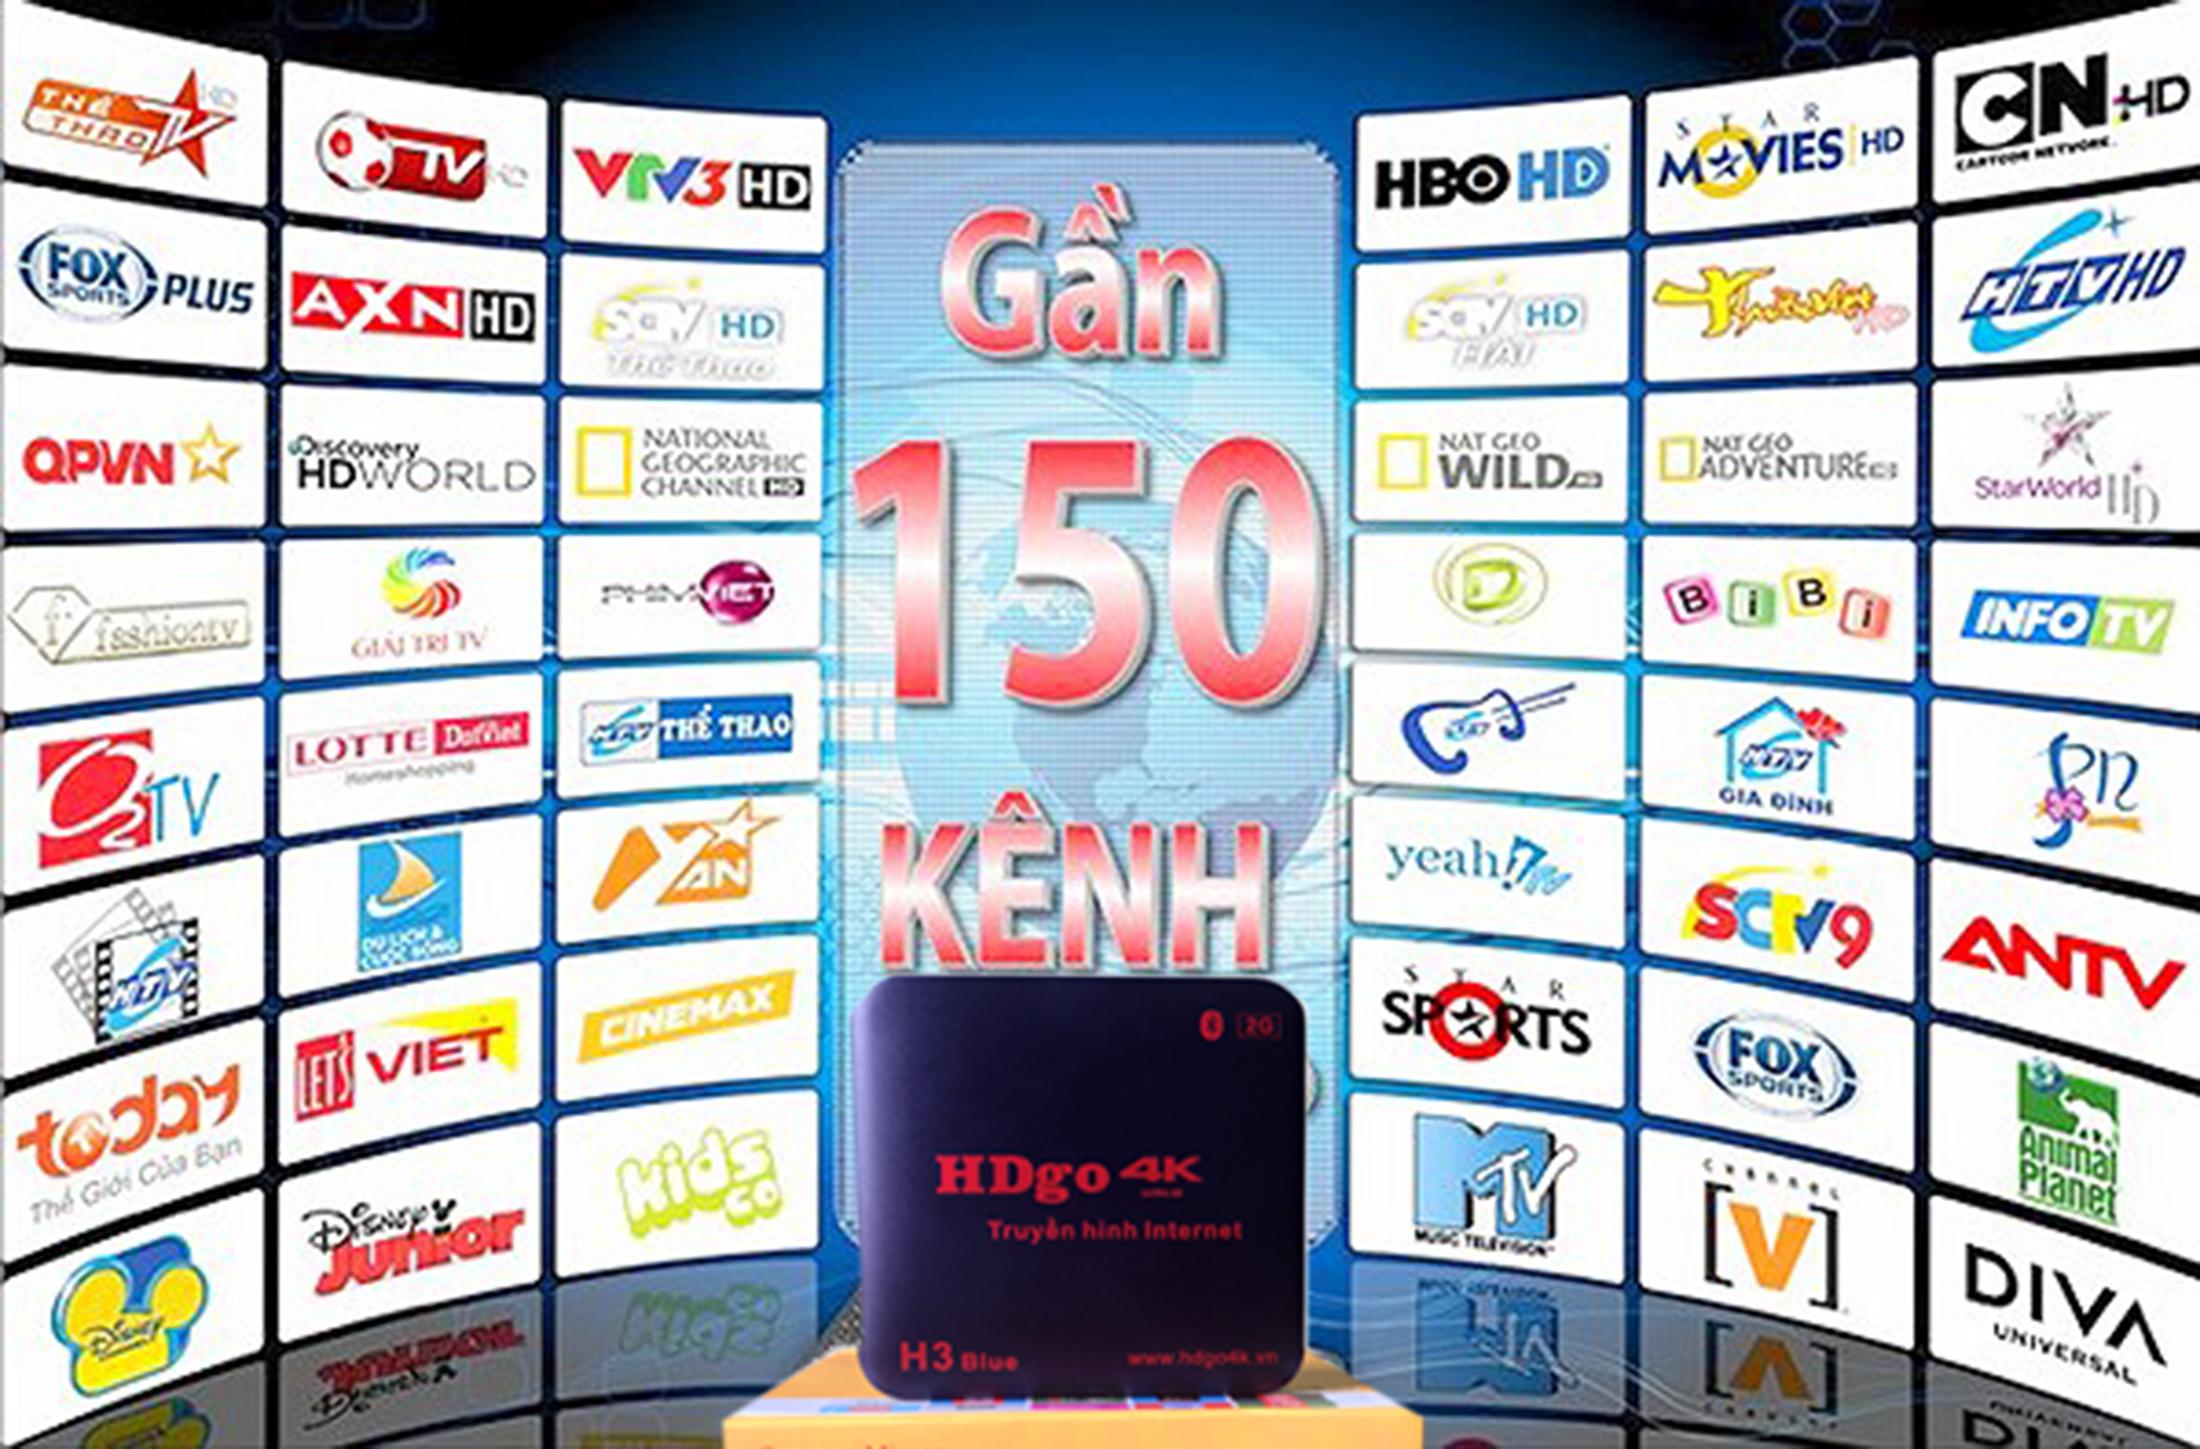 HDGO H3 - Xem internet trên tivi đời cũ không cắm mạng được - P509488   Sàn  thương mại điện tử của khách hàng Viettelpost